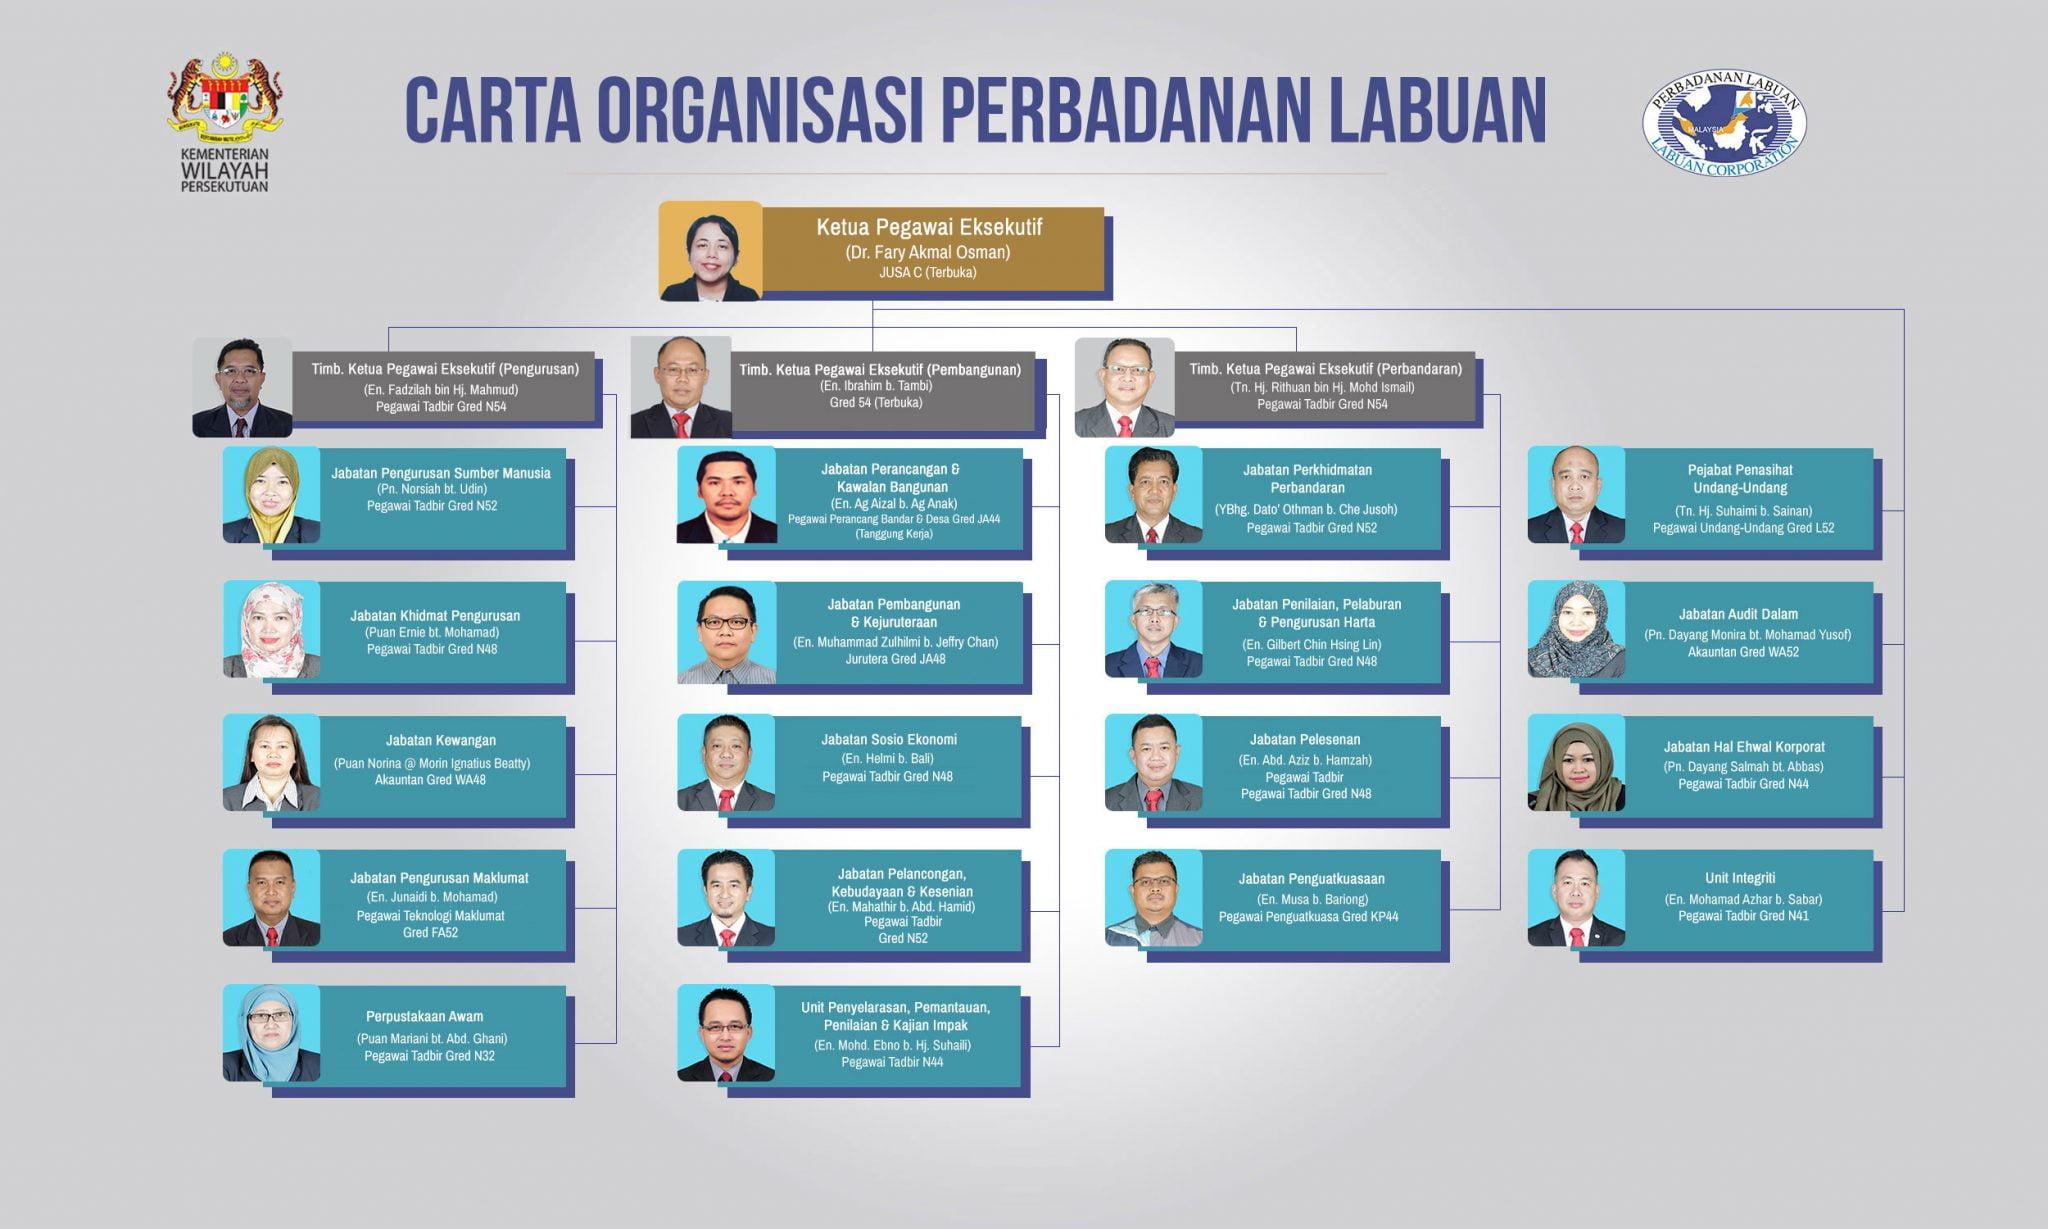 BM 30062020 carta organisasi pl 2020